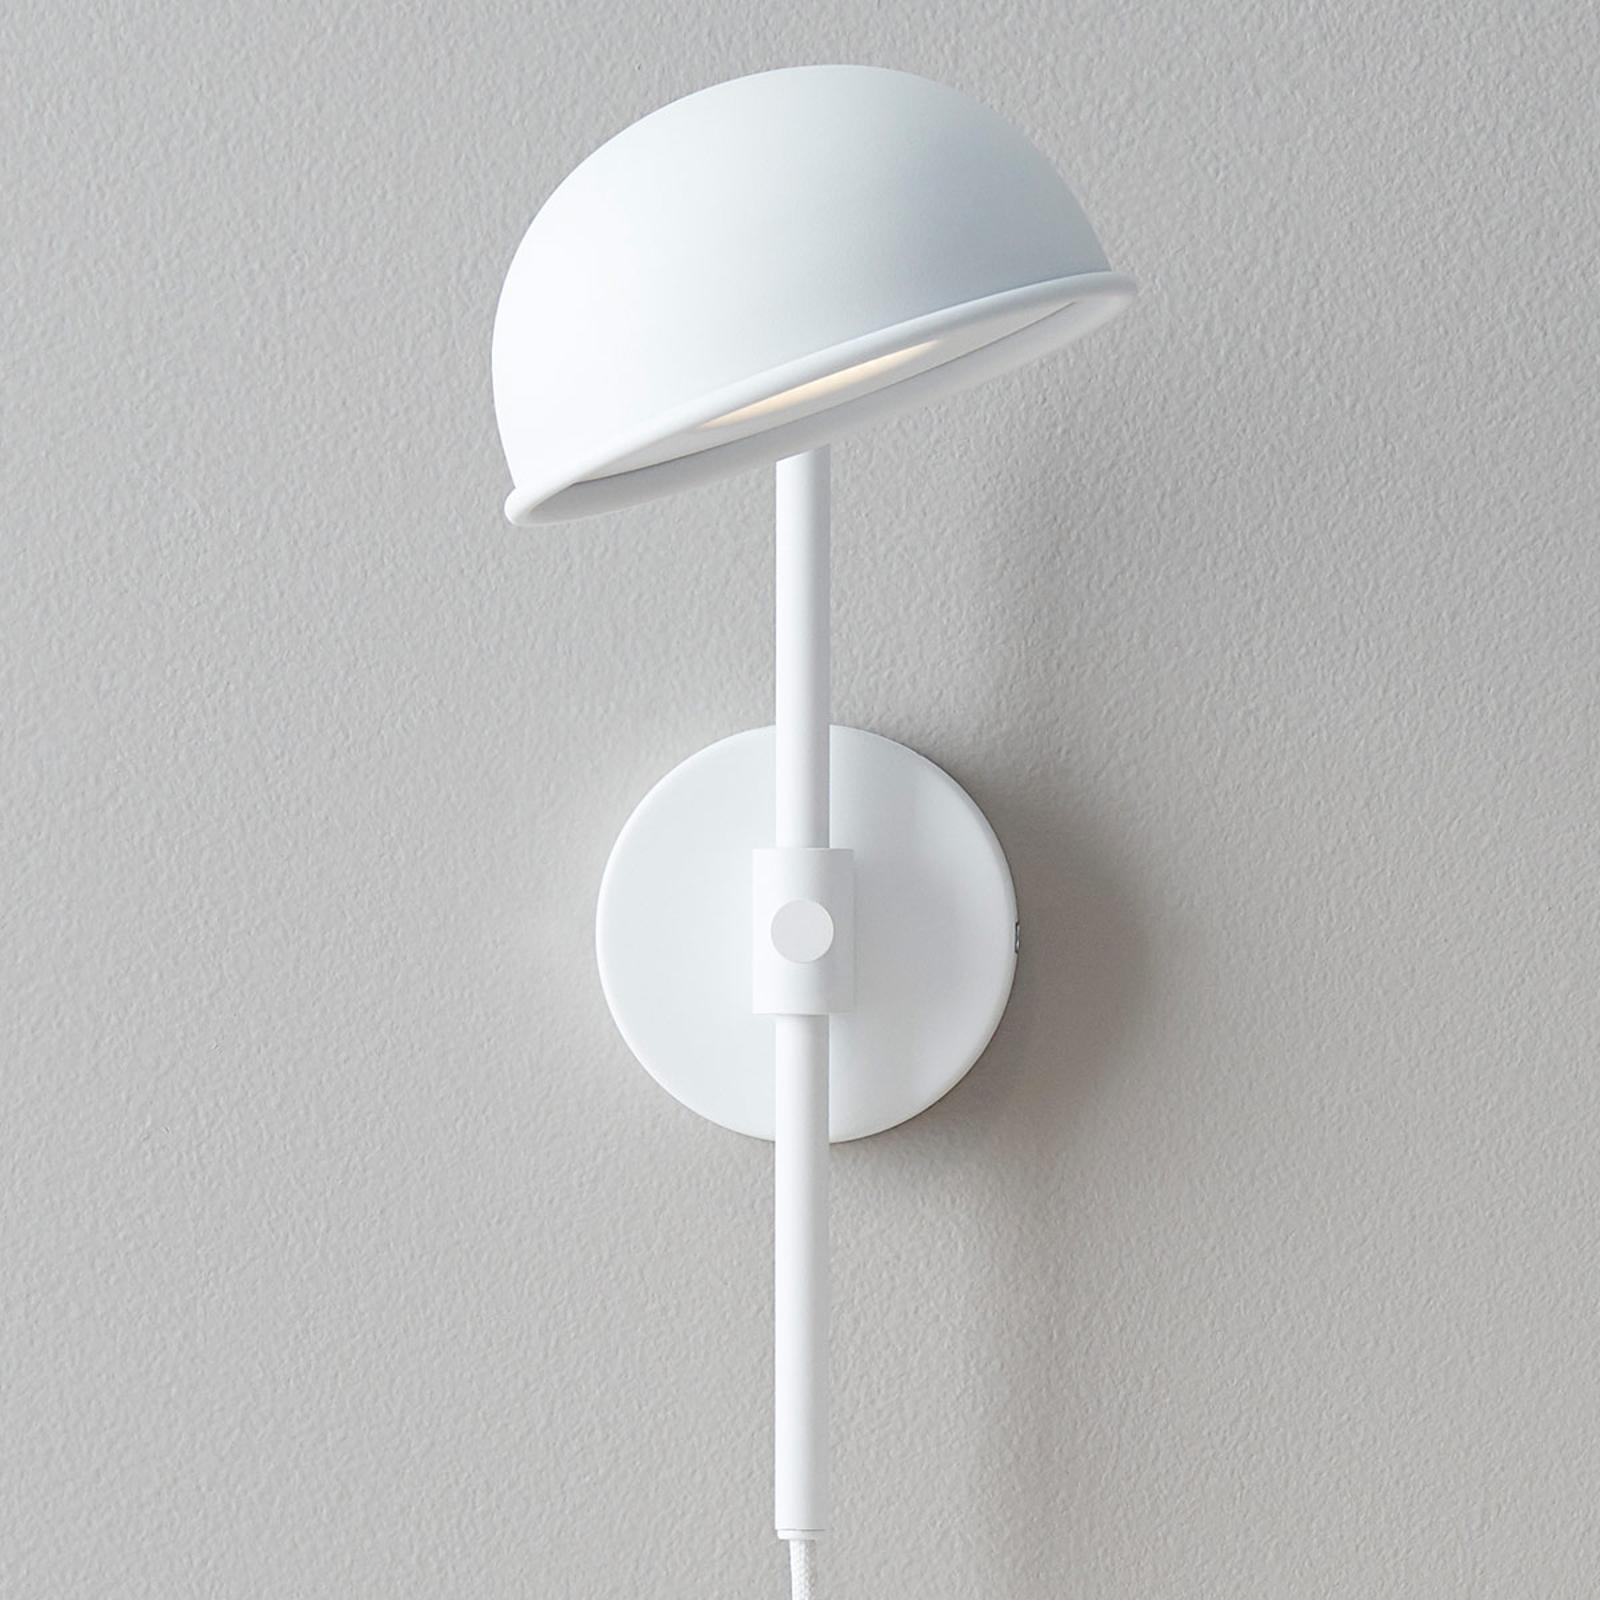 LED wandlamp Bolero met dimmer, wit